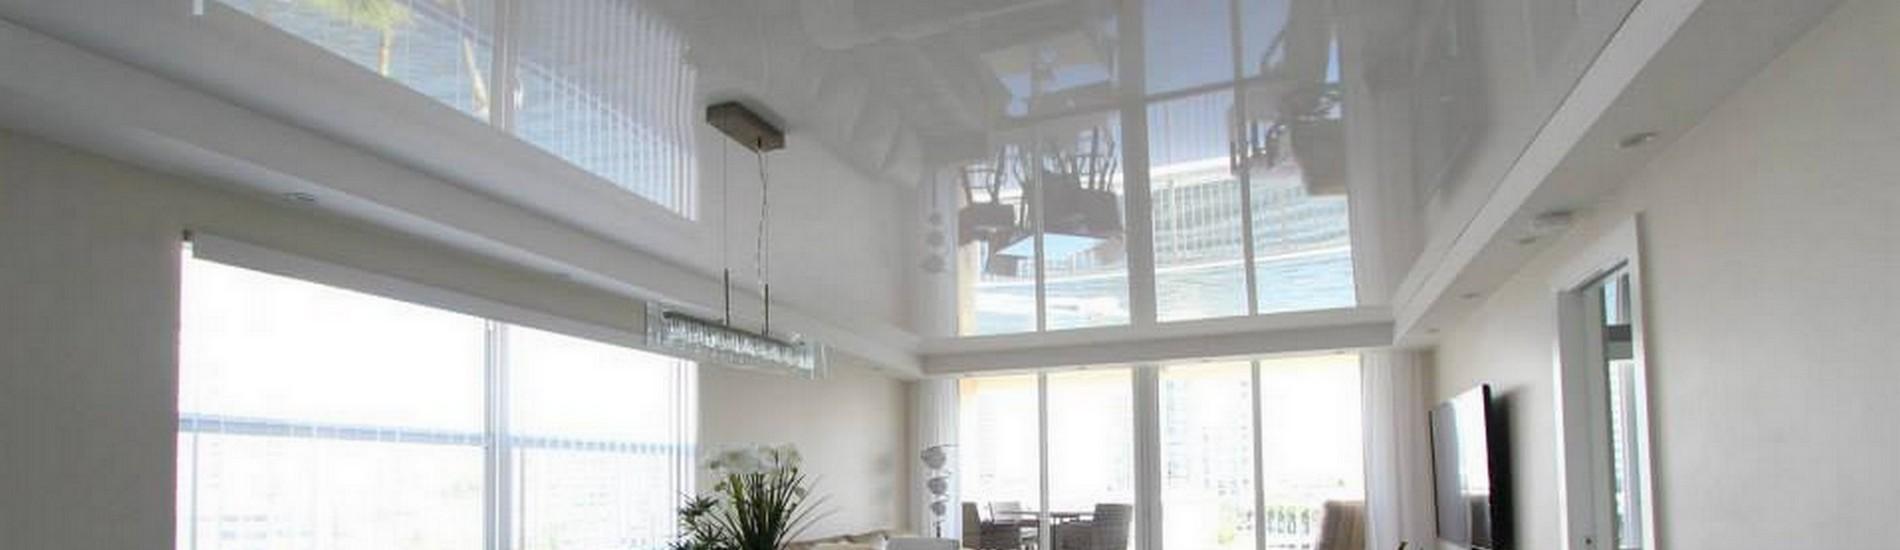 Plafond tendu laqué